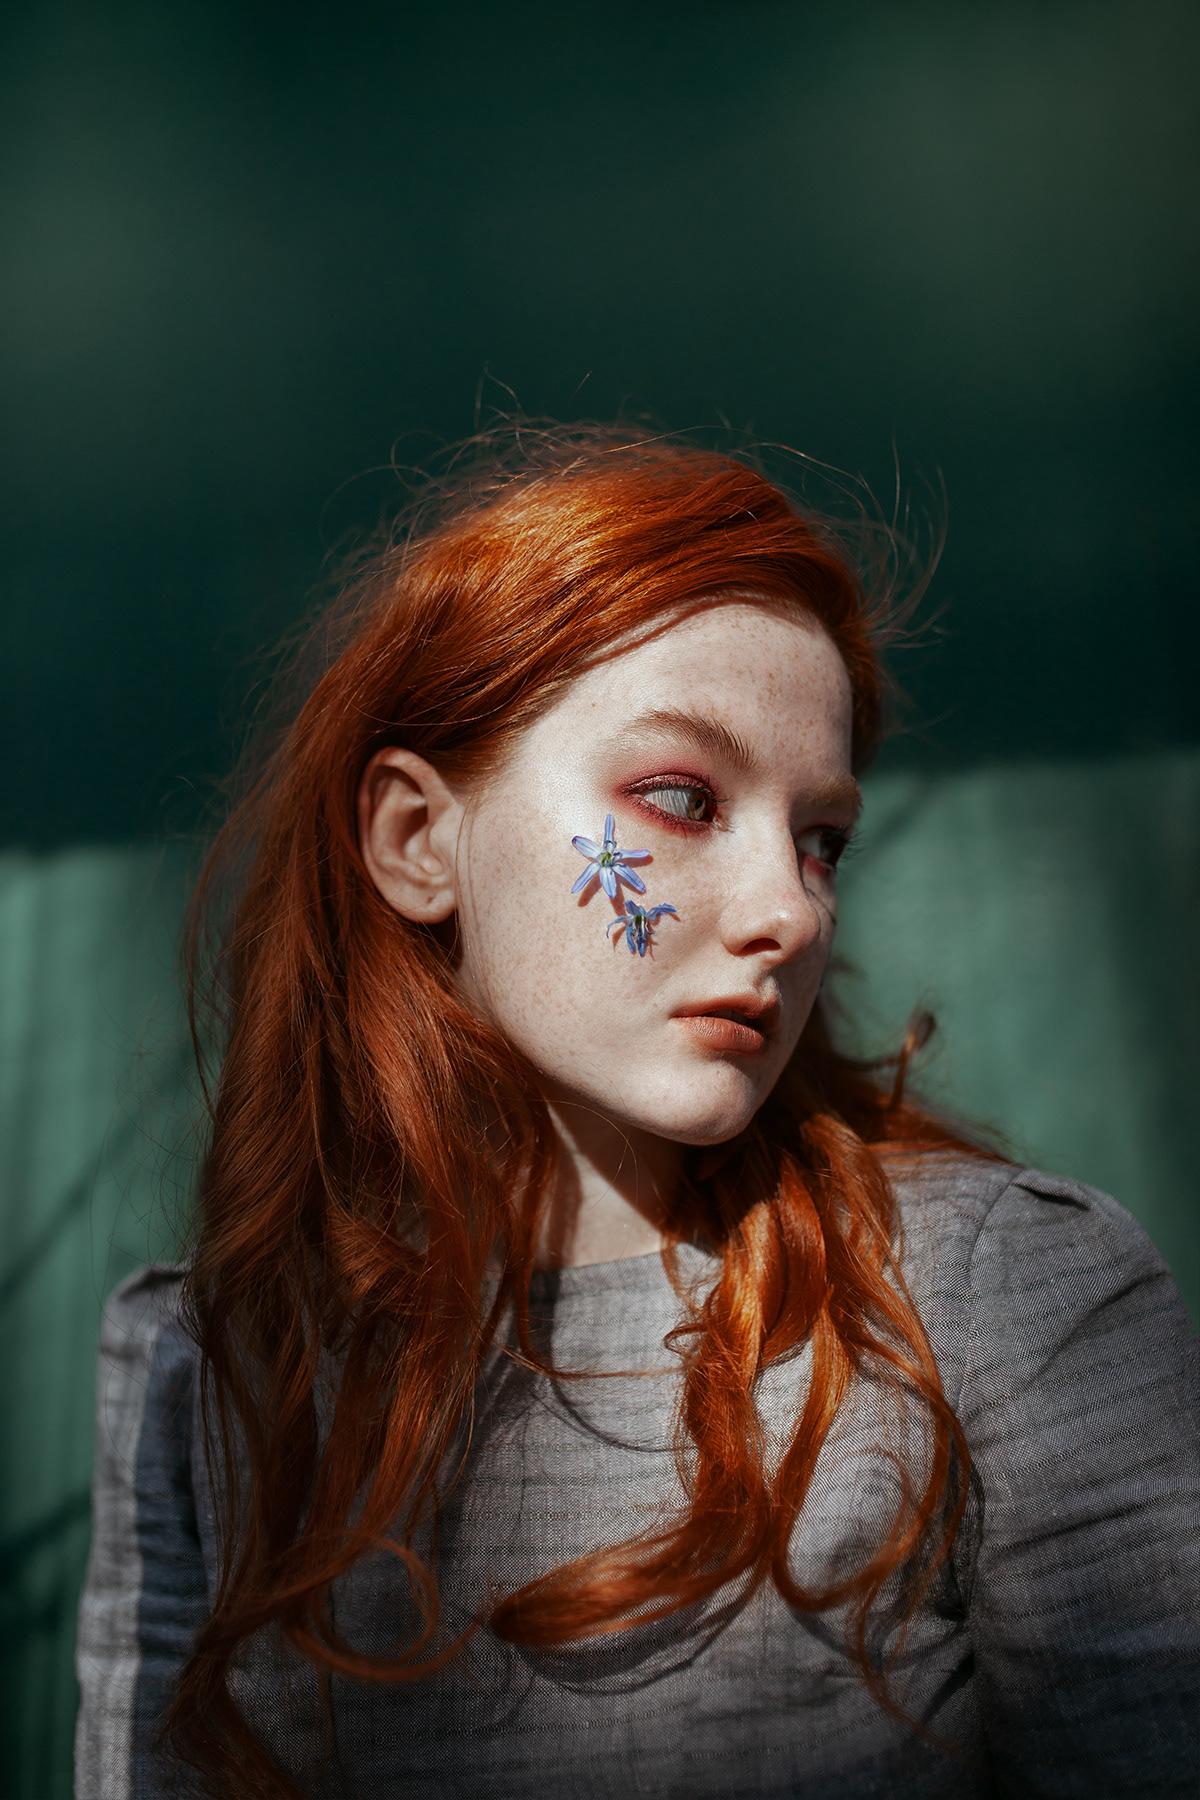 art Fashion  ginger girls model modeling Natural Light portrait retouch sony alpha